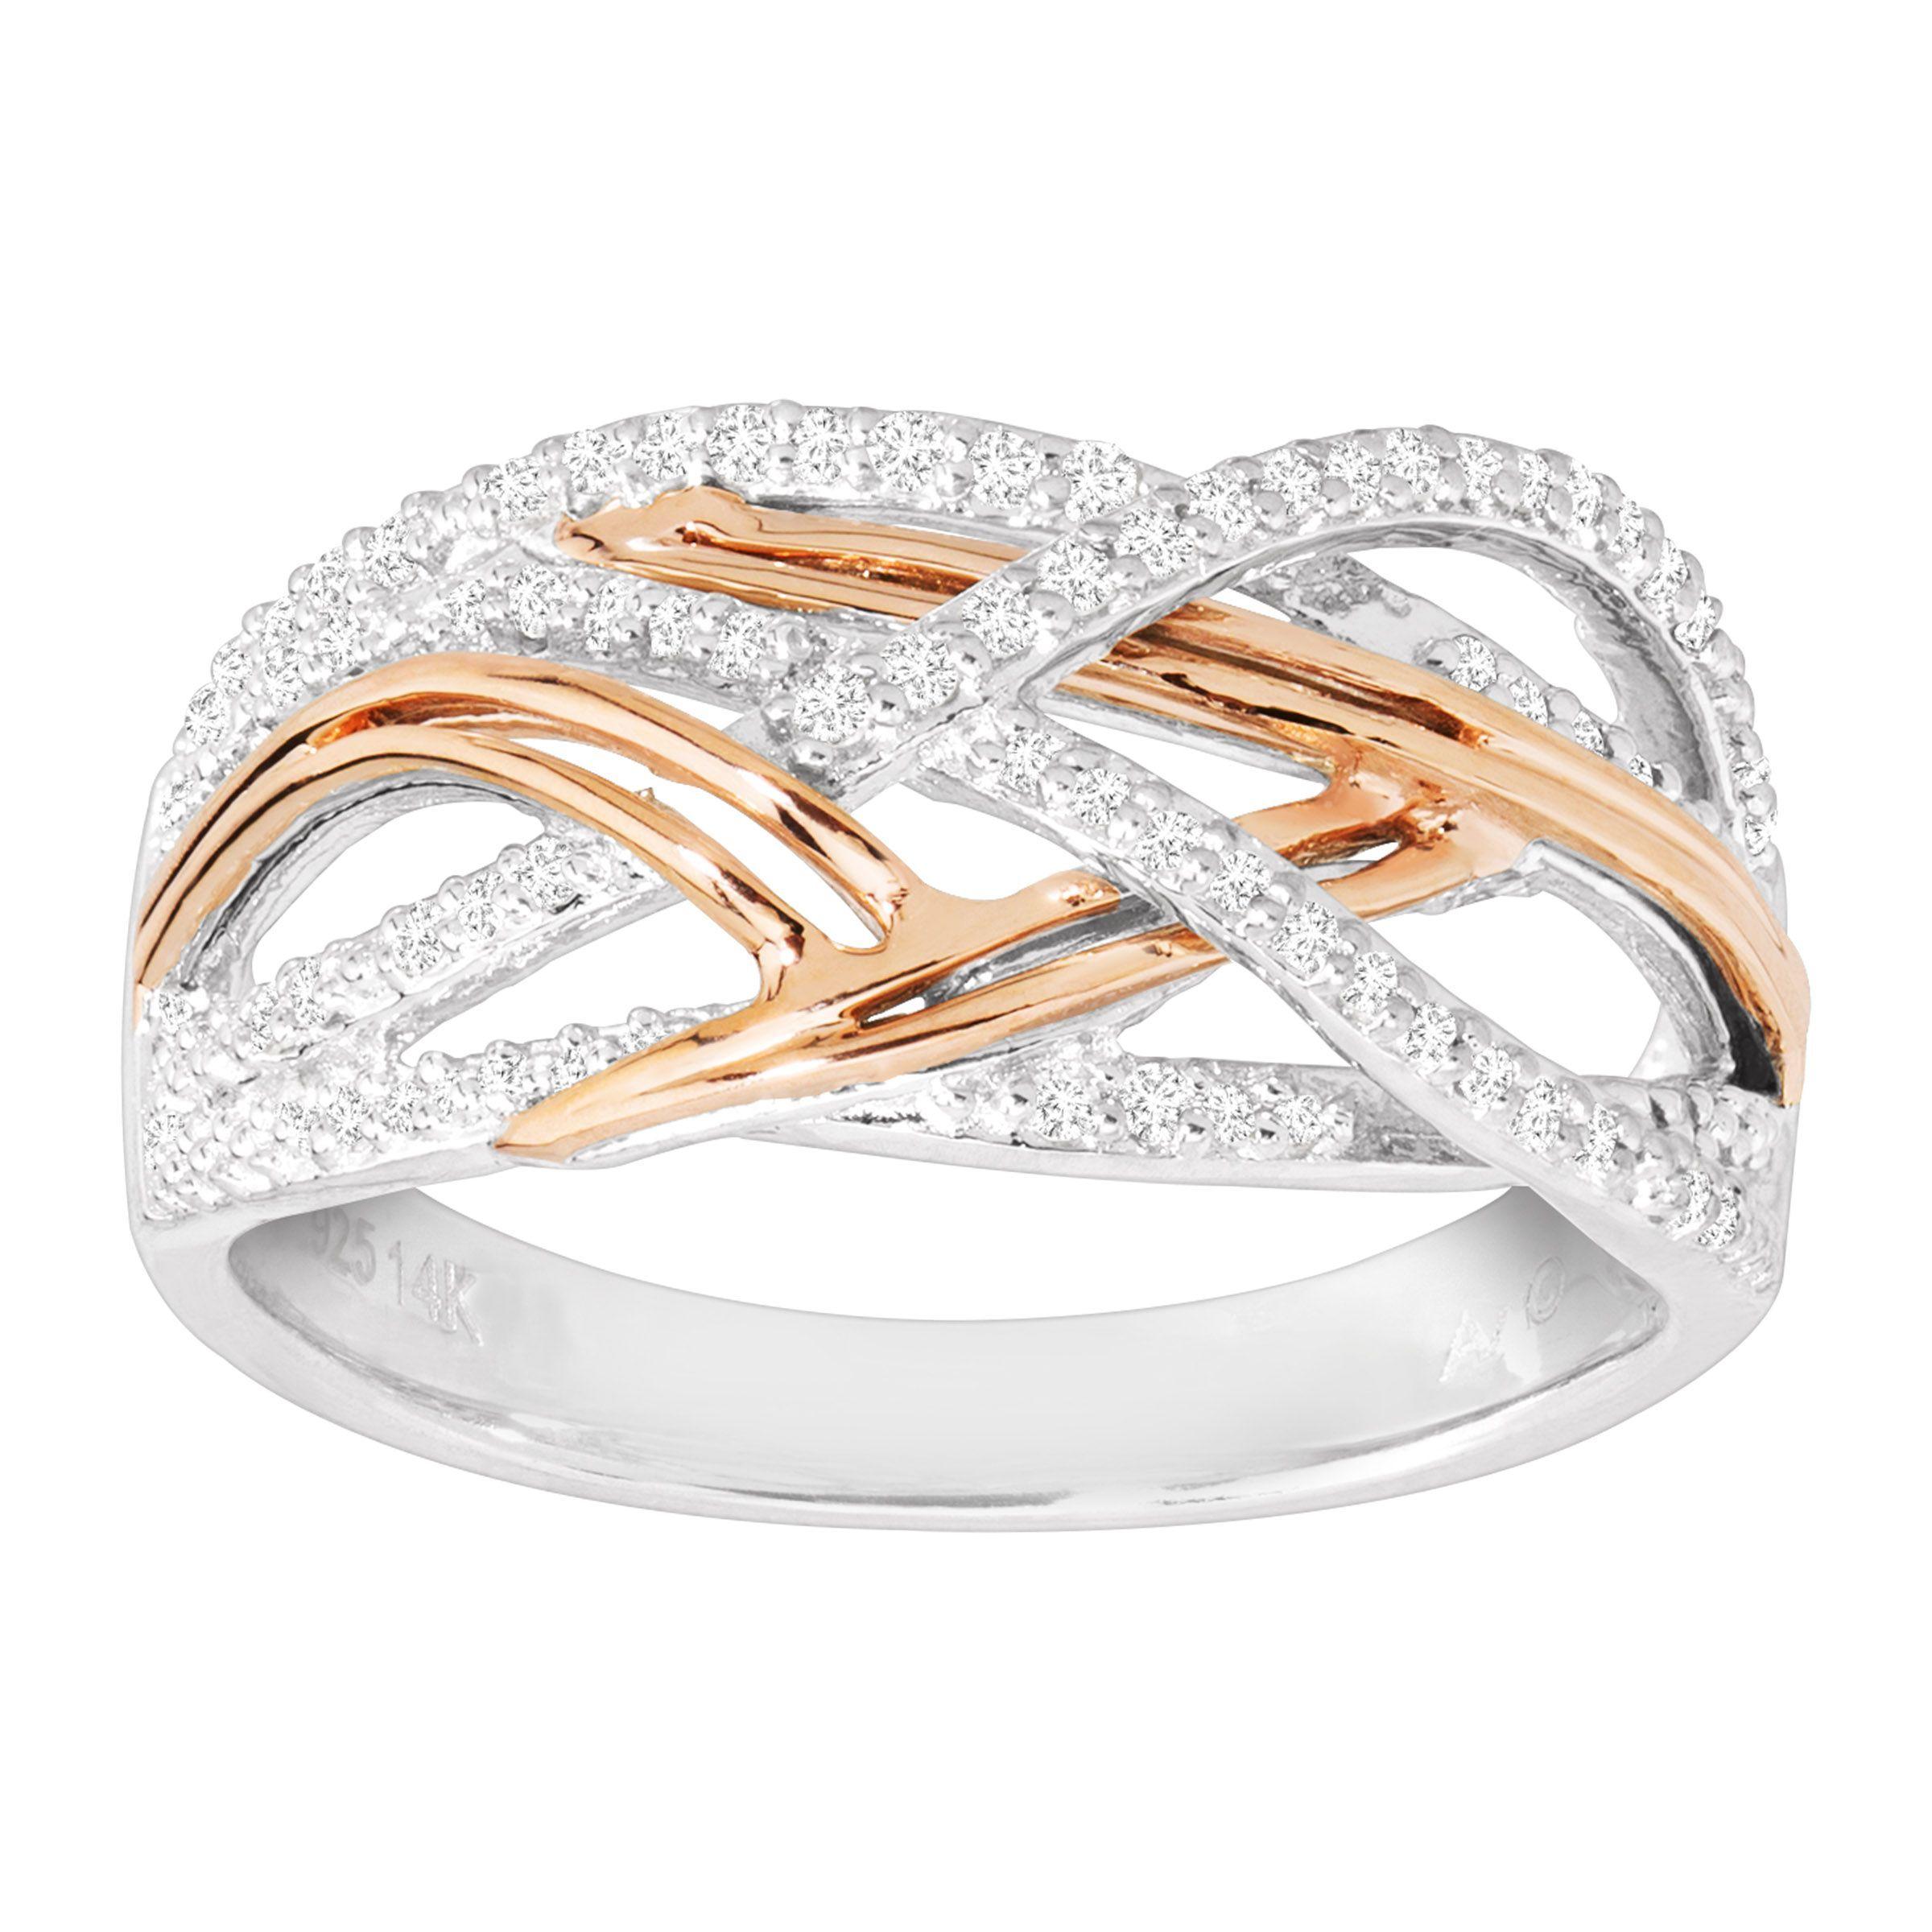 Interlocking Wedding Rings.Details About 1 5 Ct Diamond Interlocking Ring In Sterling Silver 14k Rose Gold